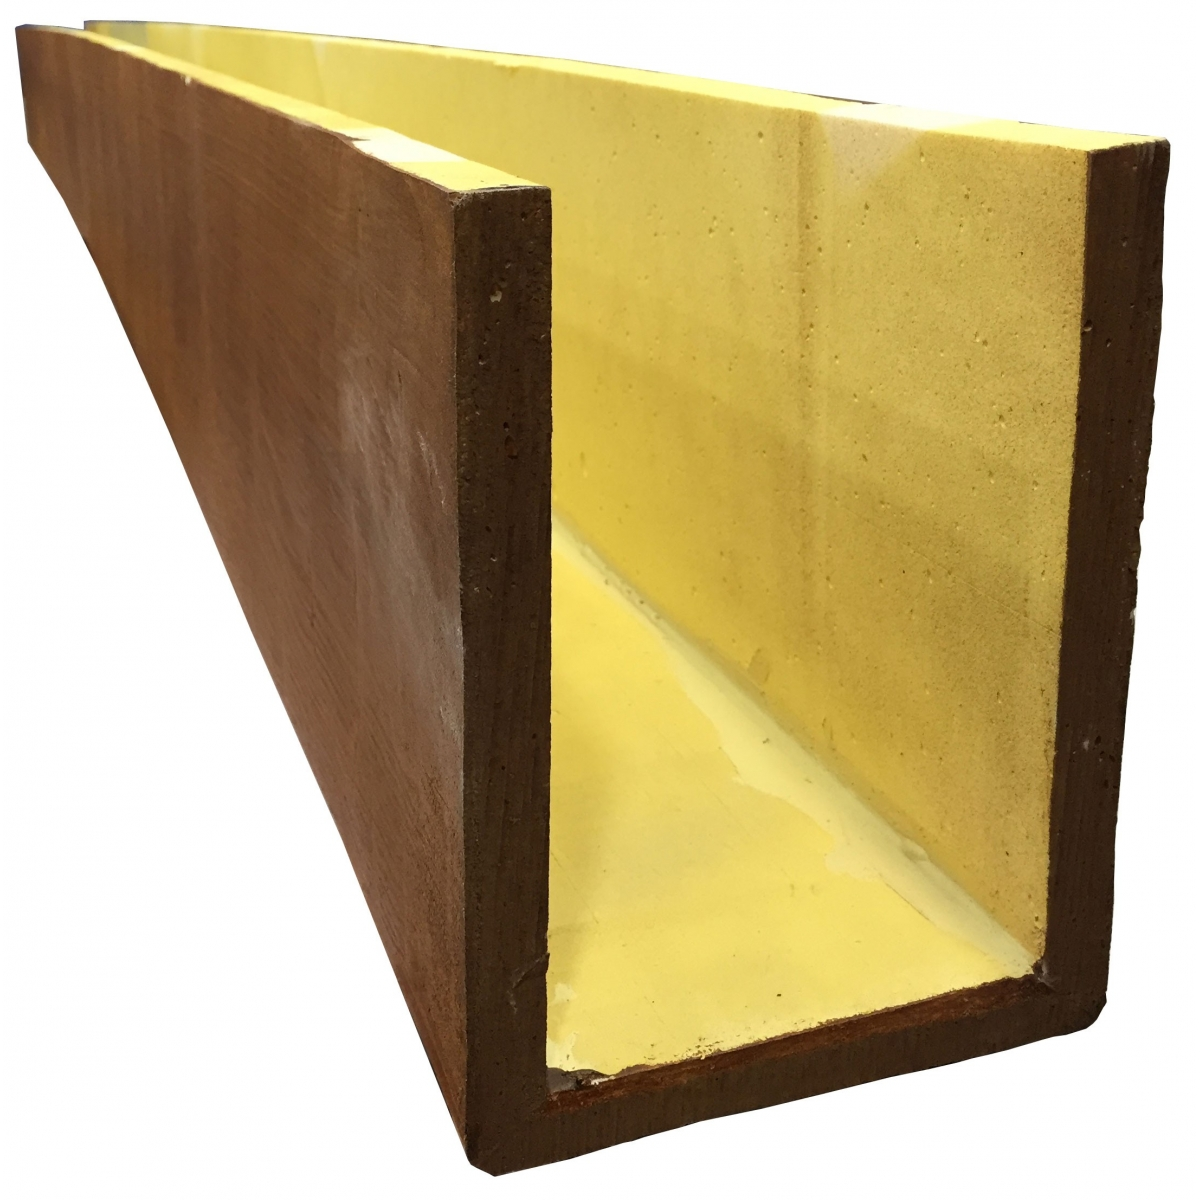 Viga imitación a madera 400x19x20